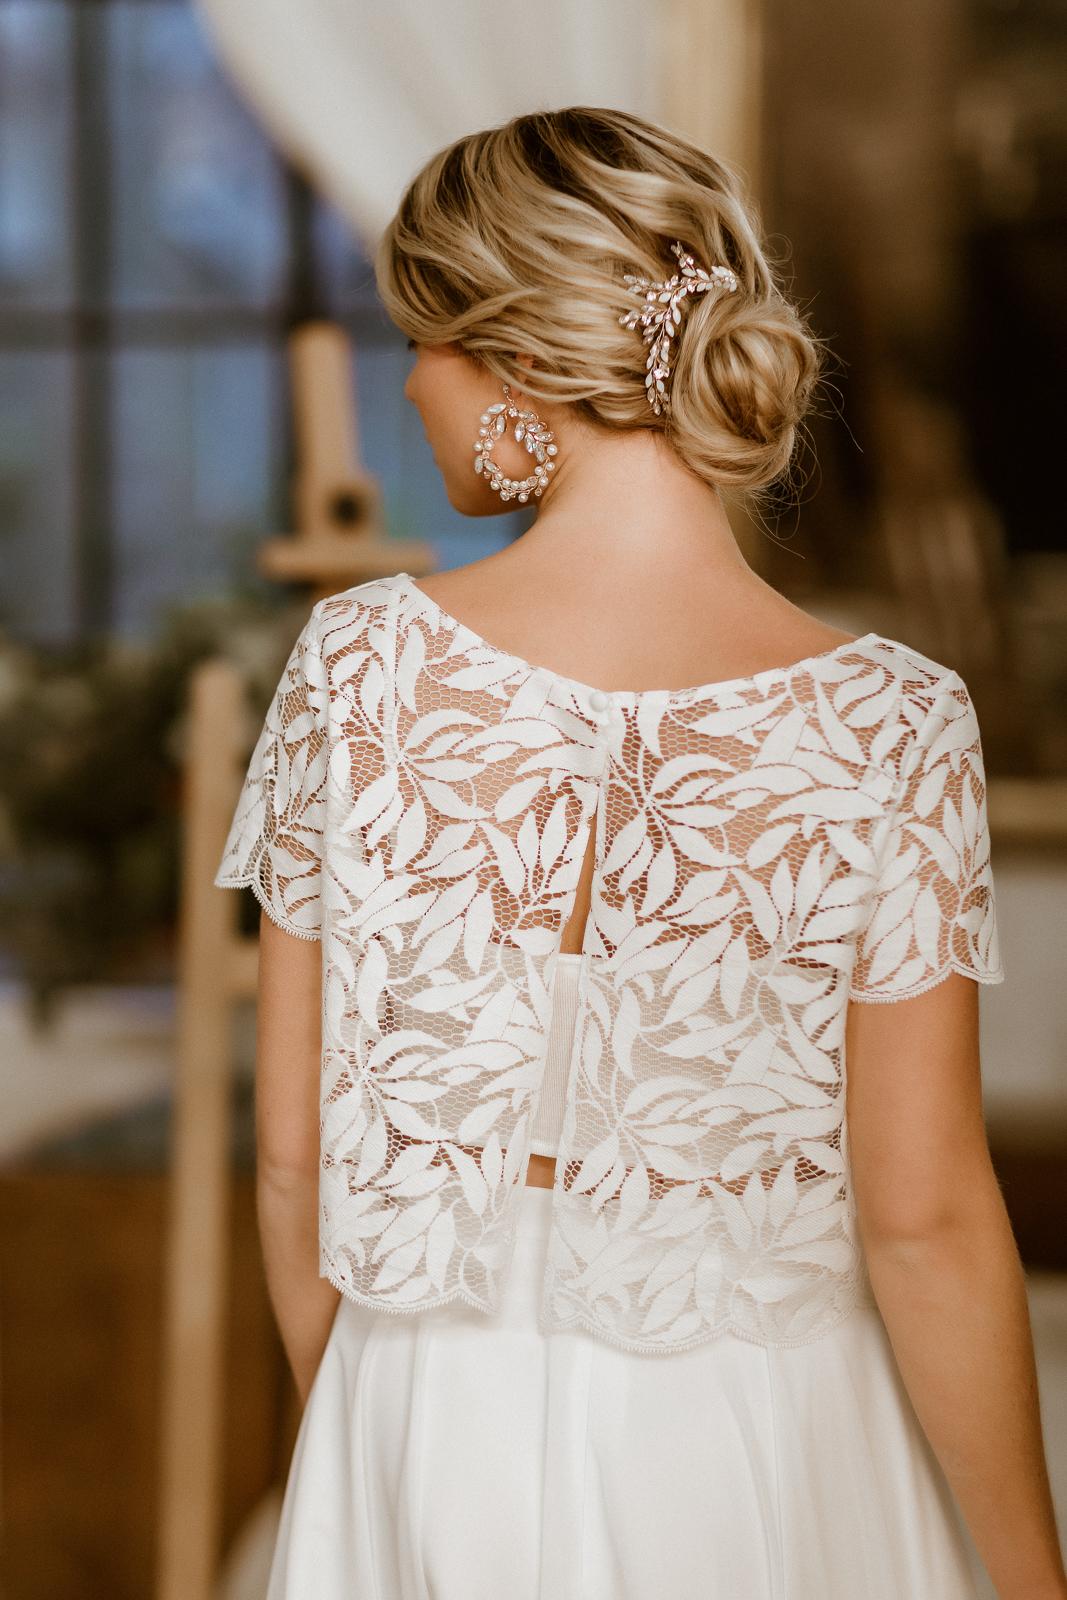 Zweiteiliges Midi-Brautkleid mit Botanik-Top und Chiffonrock, Rückenansicht